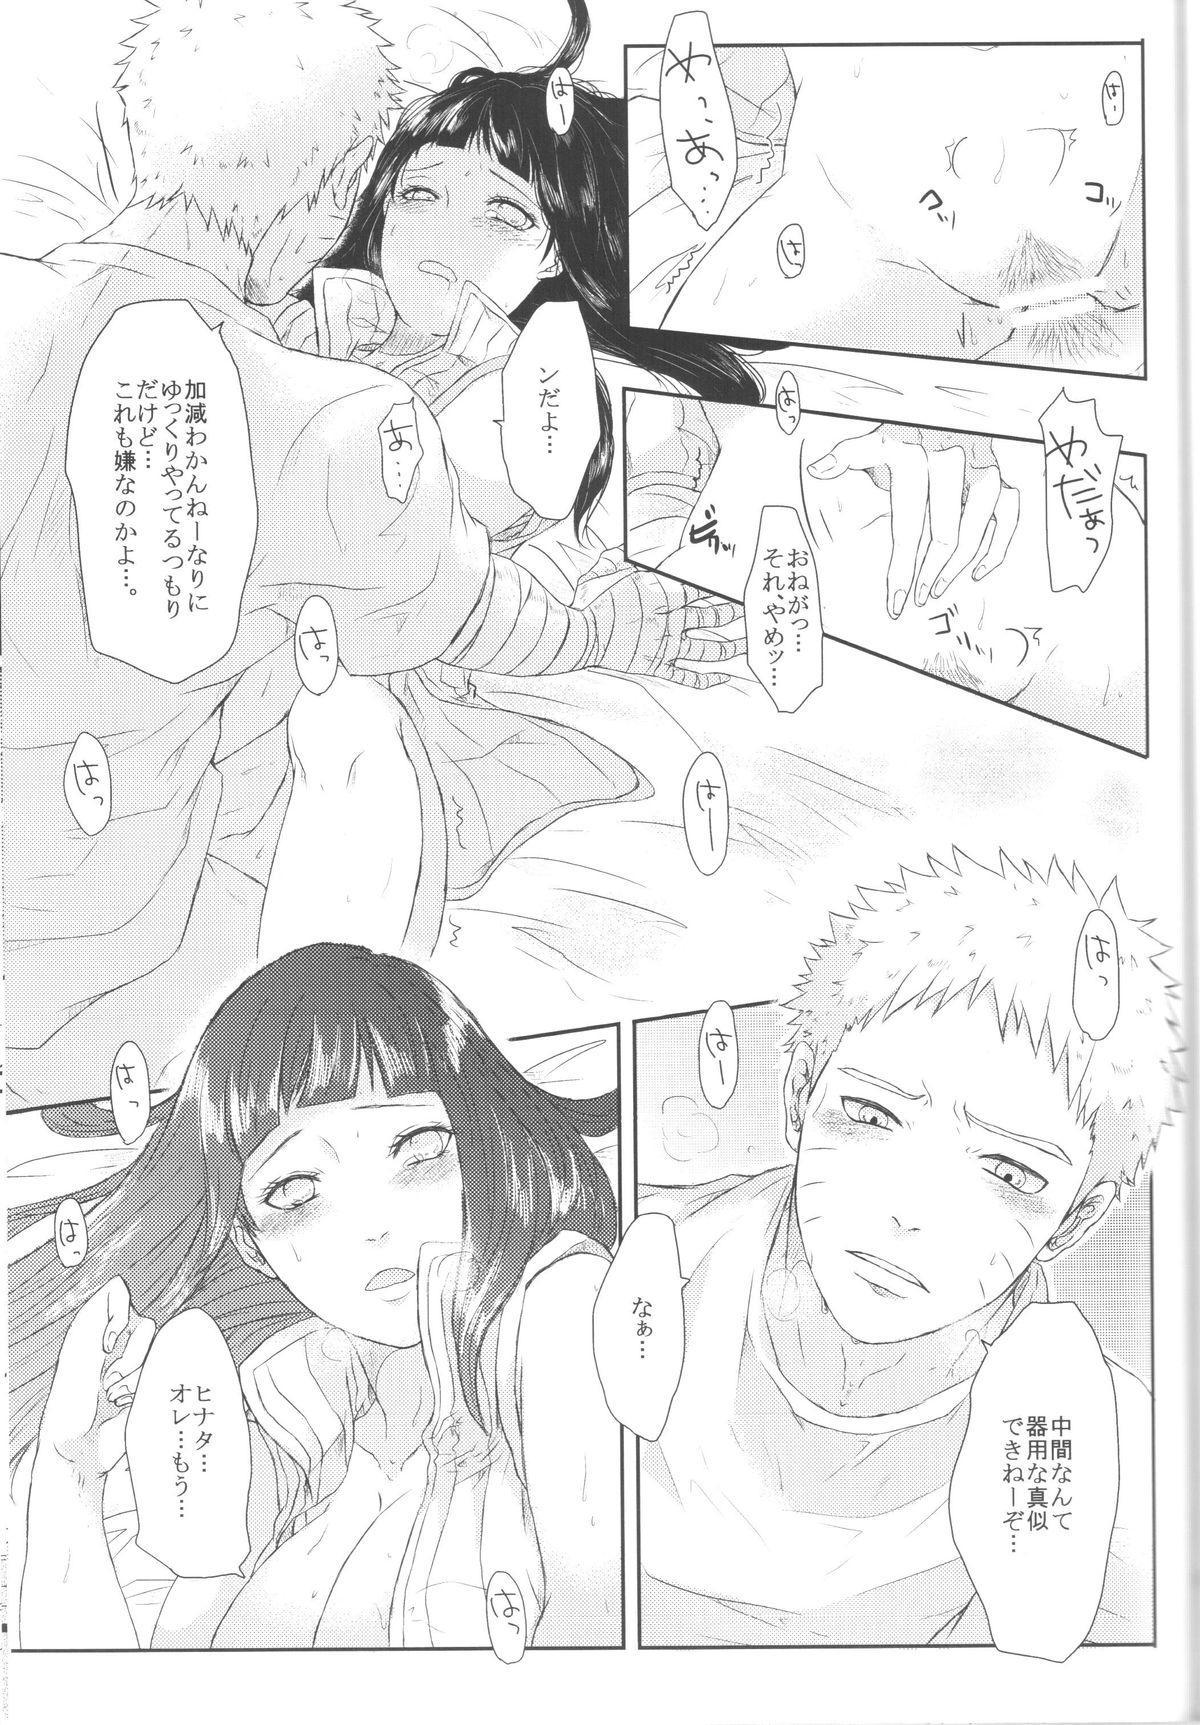 Naruto-kun no Ecchi!! 17